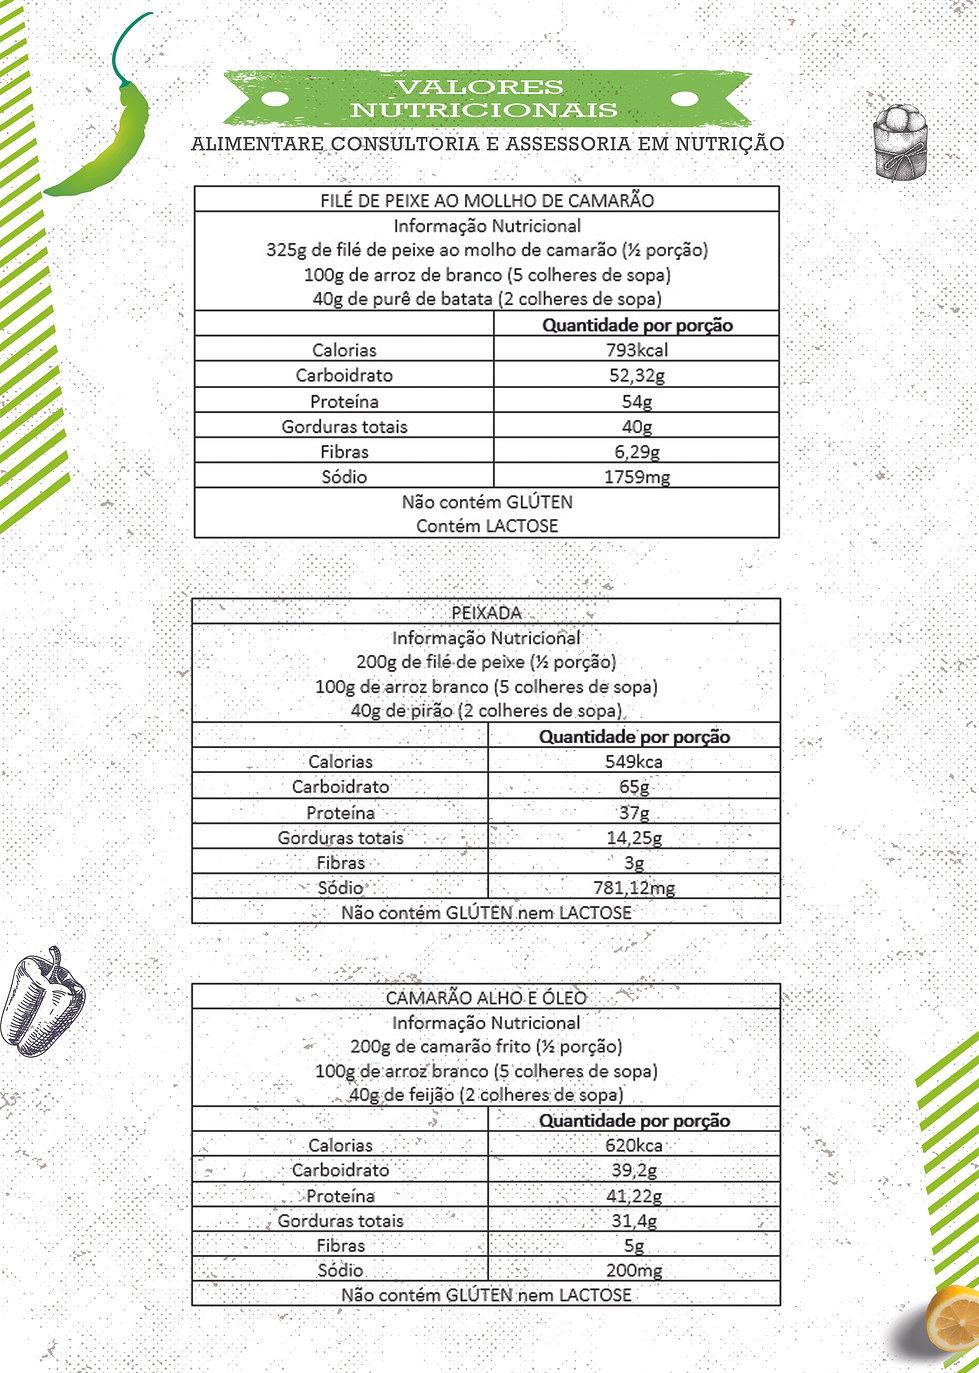 VALORES NUTRICIONAIS PAG 6.jpg